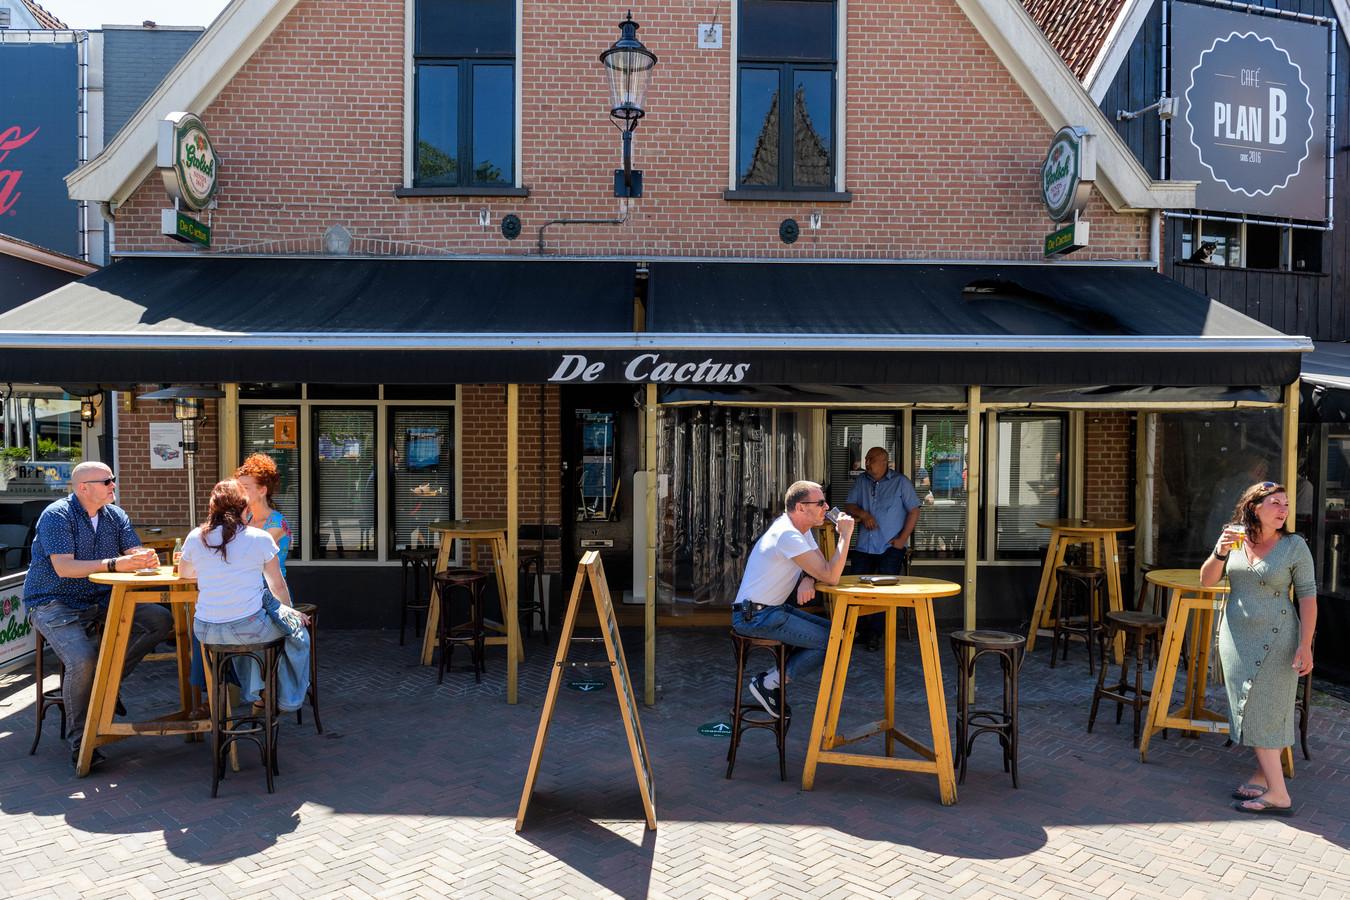 Op meerdere plekken in de Hengelose binnenstad zijn de terrassen weer geopend, zoals hier bij café De Cactus.